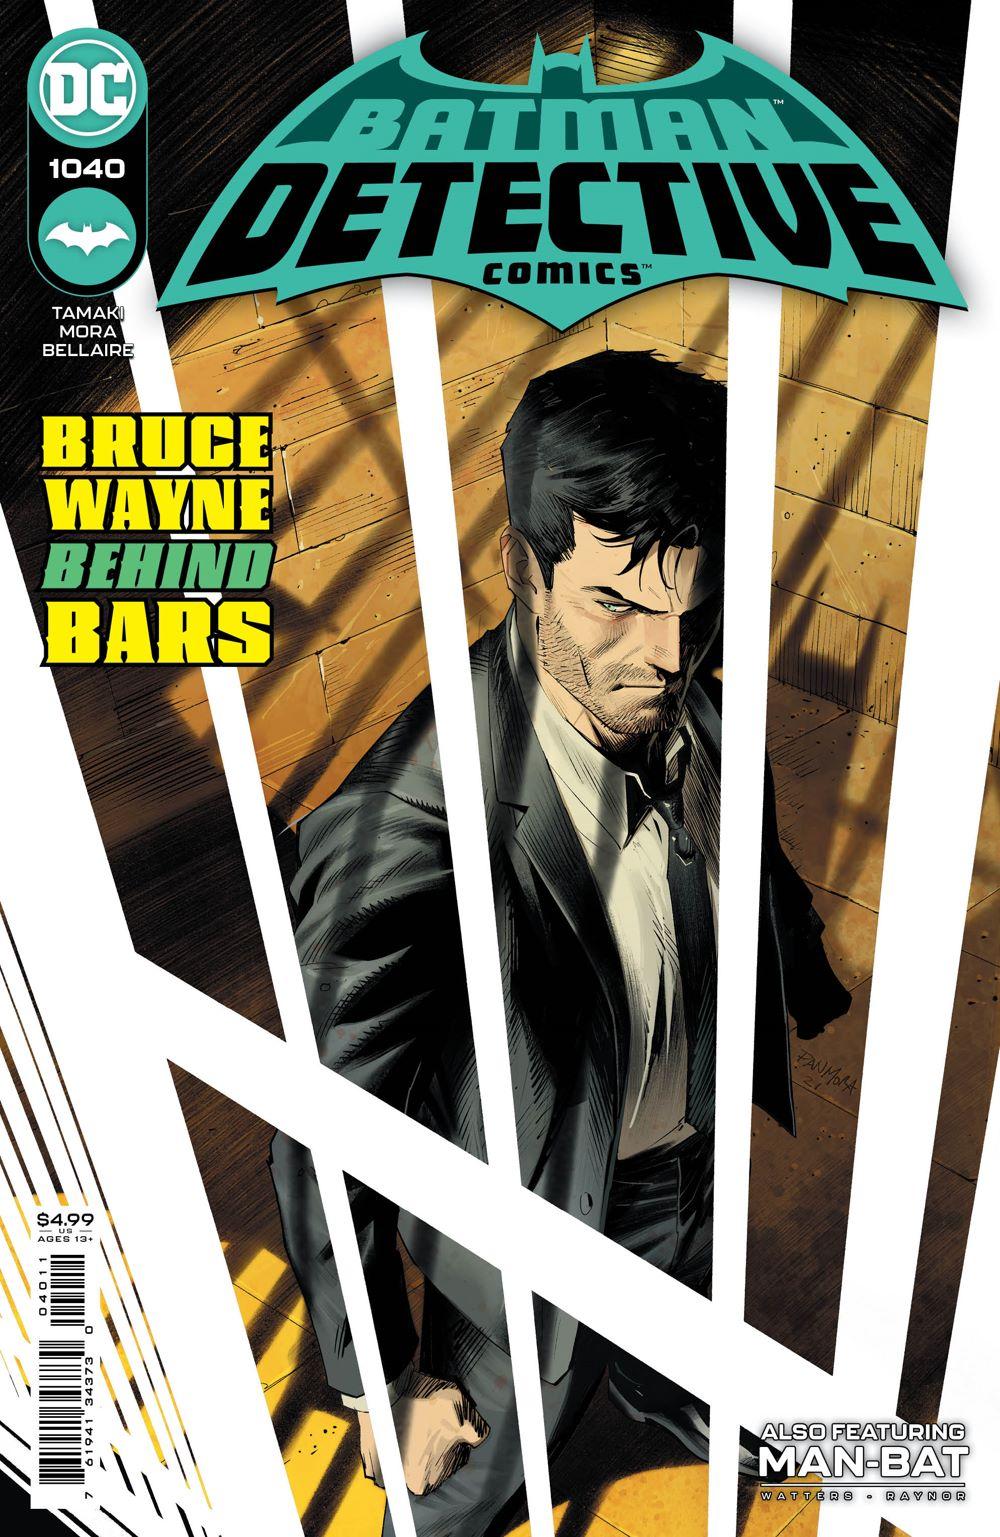 DTC_Cv1040 DC Comics July 2021 Solicitations